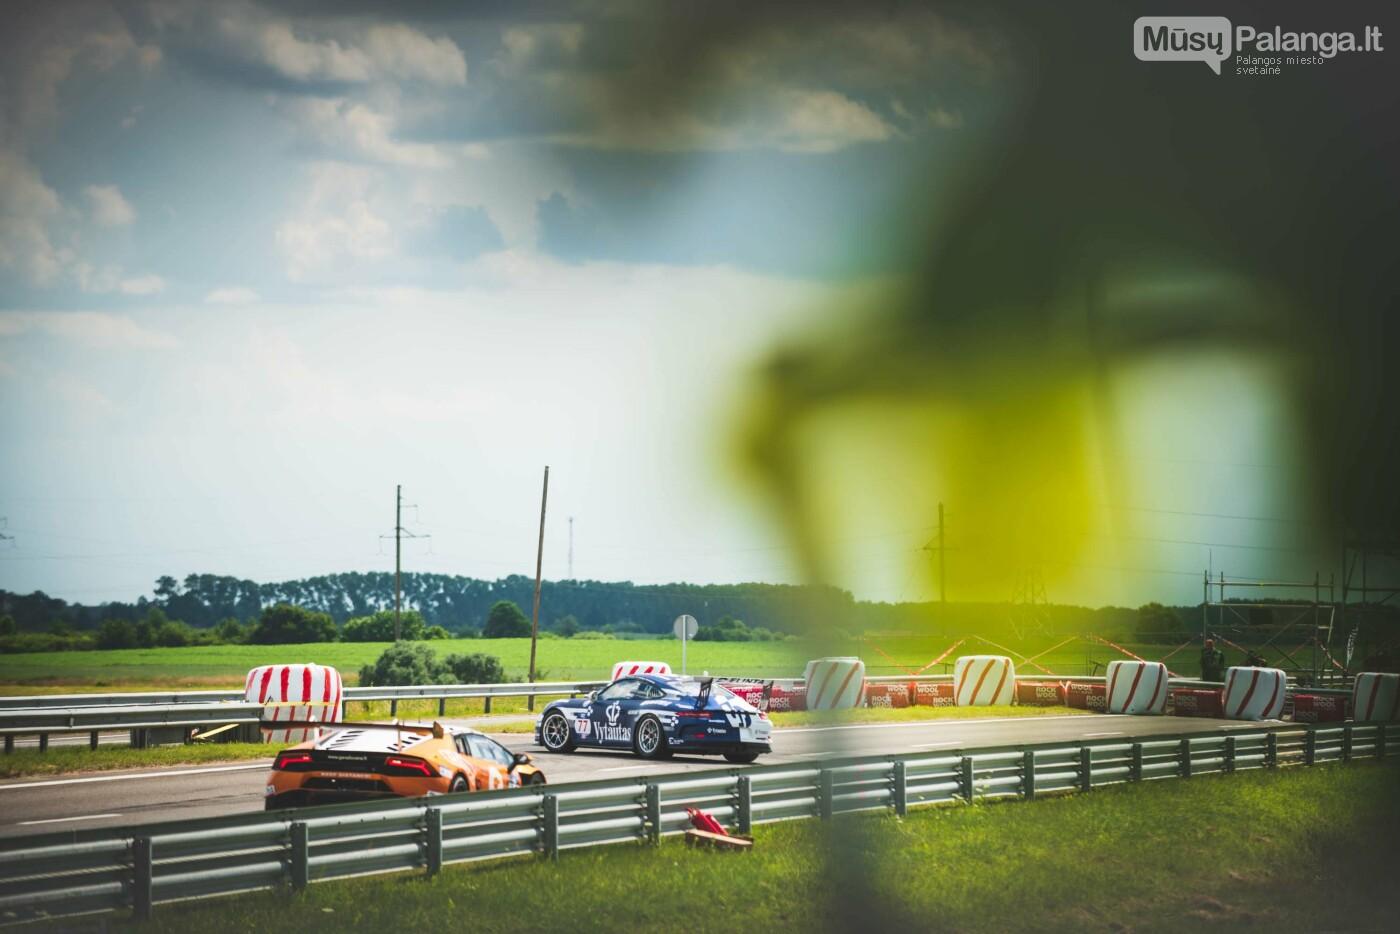 """Pirmoji """"Aurum 1006 km lenktynių"""" repeticija, nuotrauka-24, Arno STRUMILOS nuotr."""